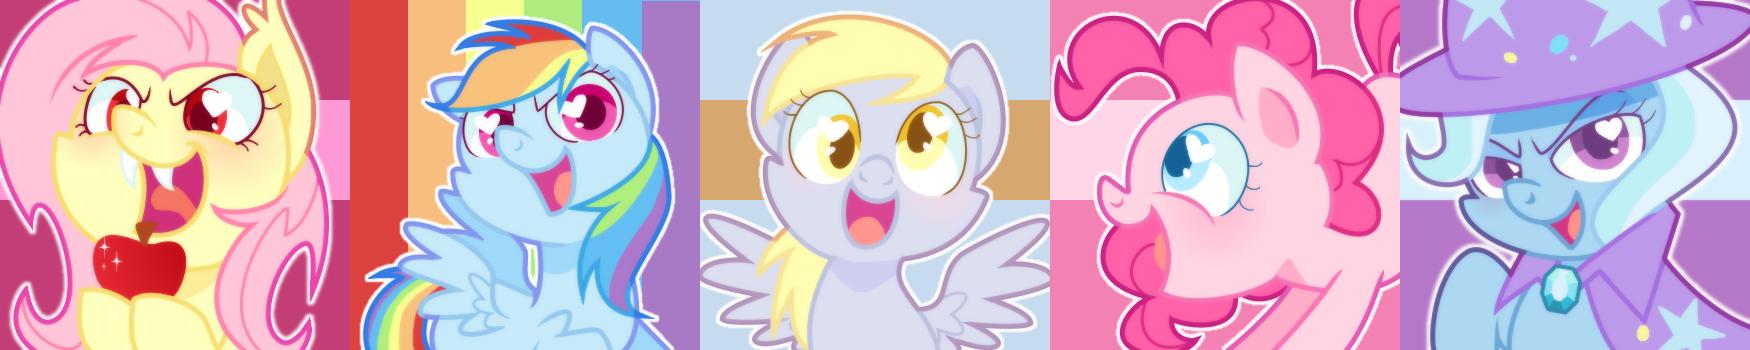 FREE Pony icons by YokoKinawa